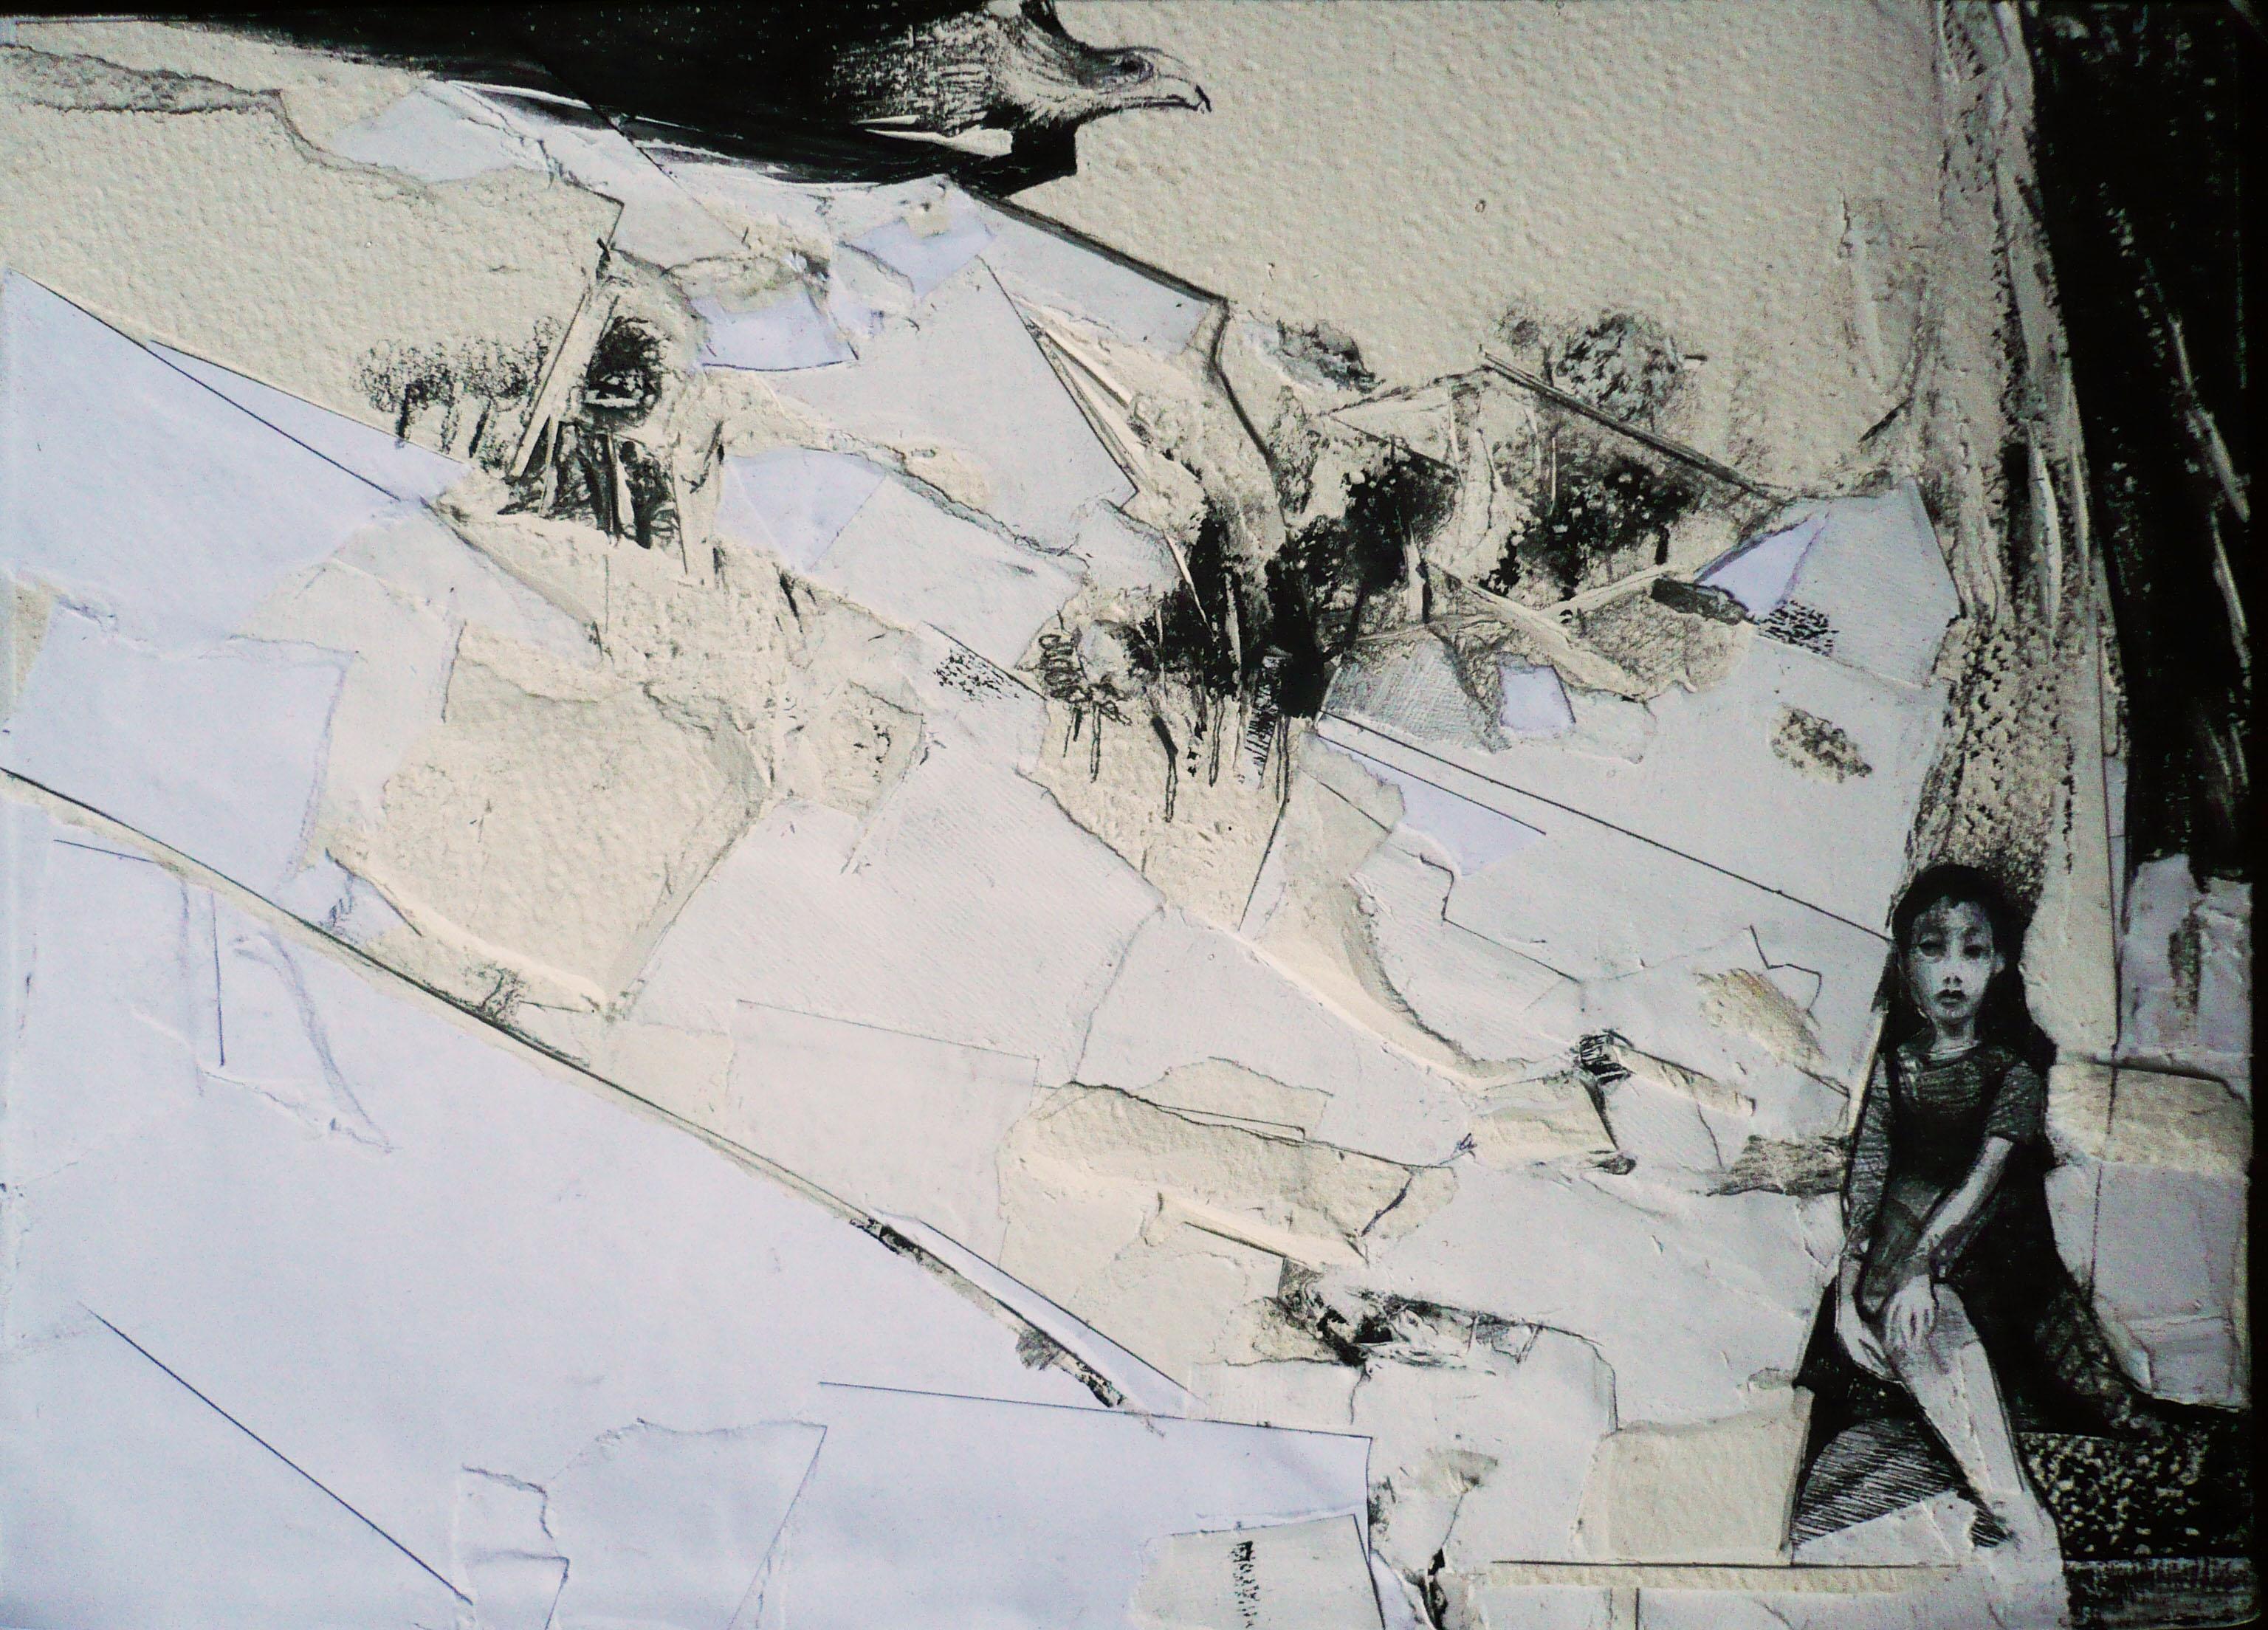 il volo dell'aquila - 2011